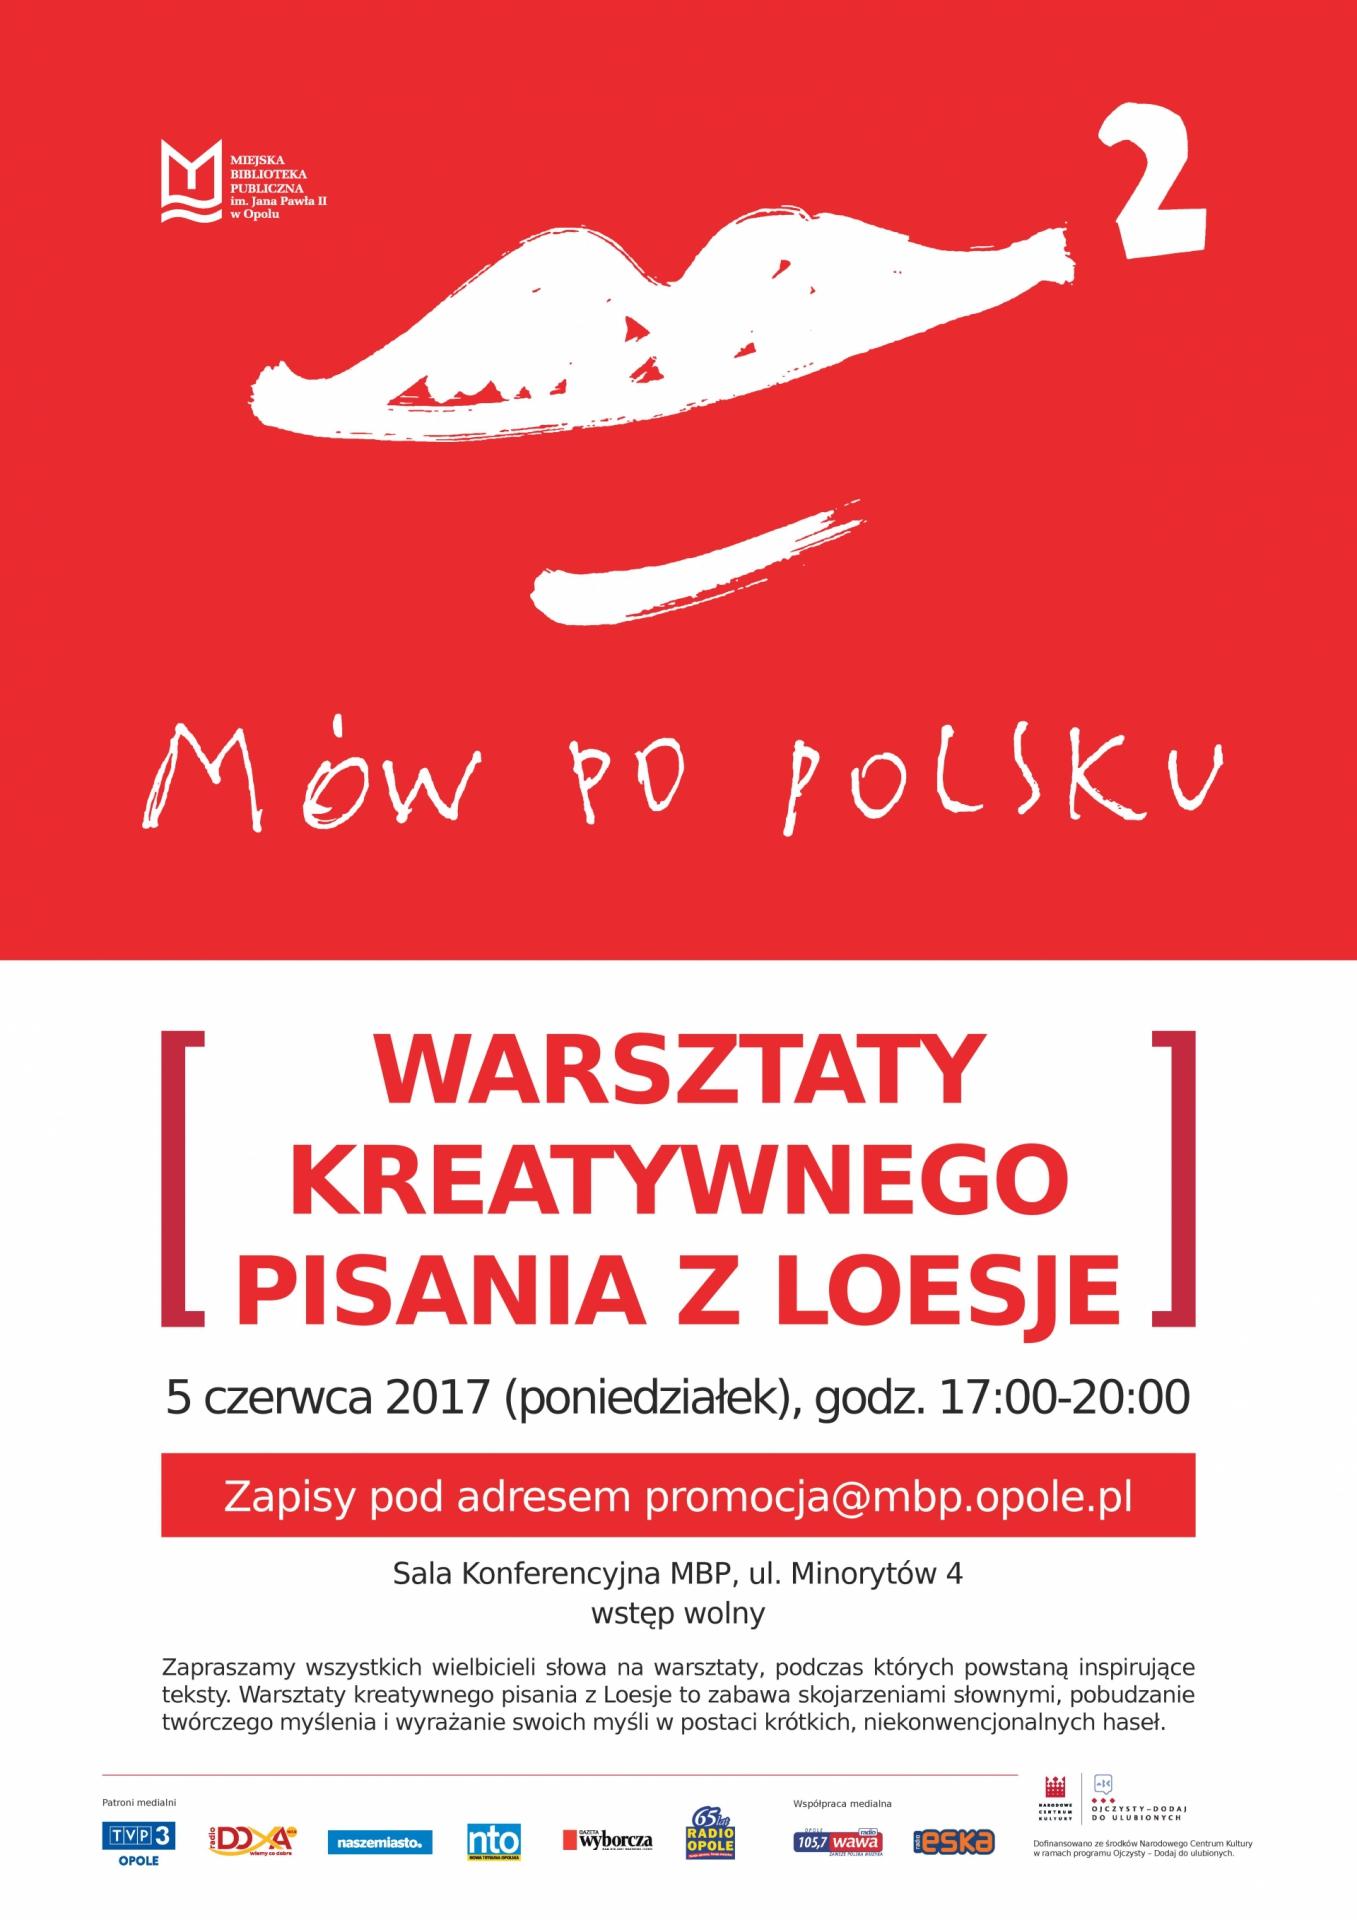 Warsztaty kreatywnego pisania z Loesje - Mów po polsku 2!